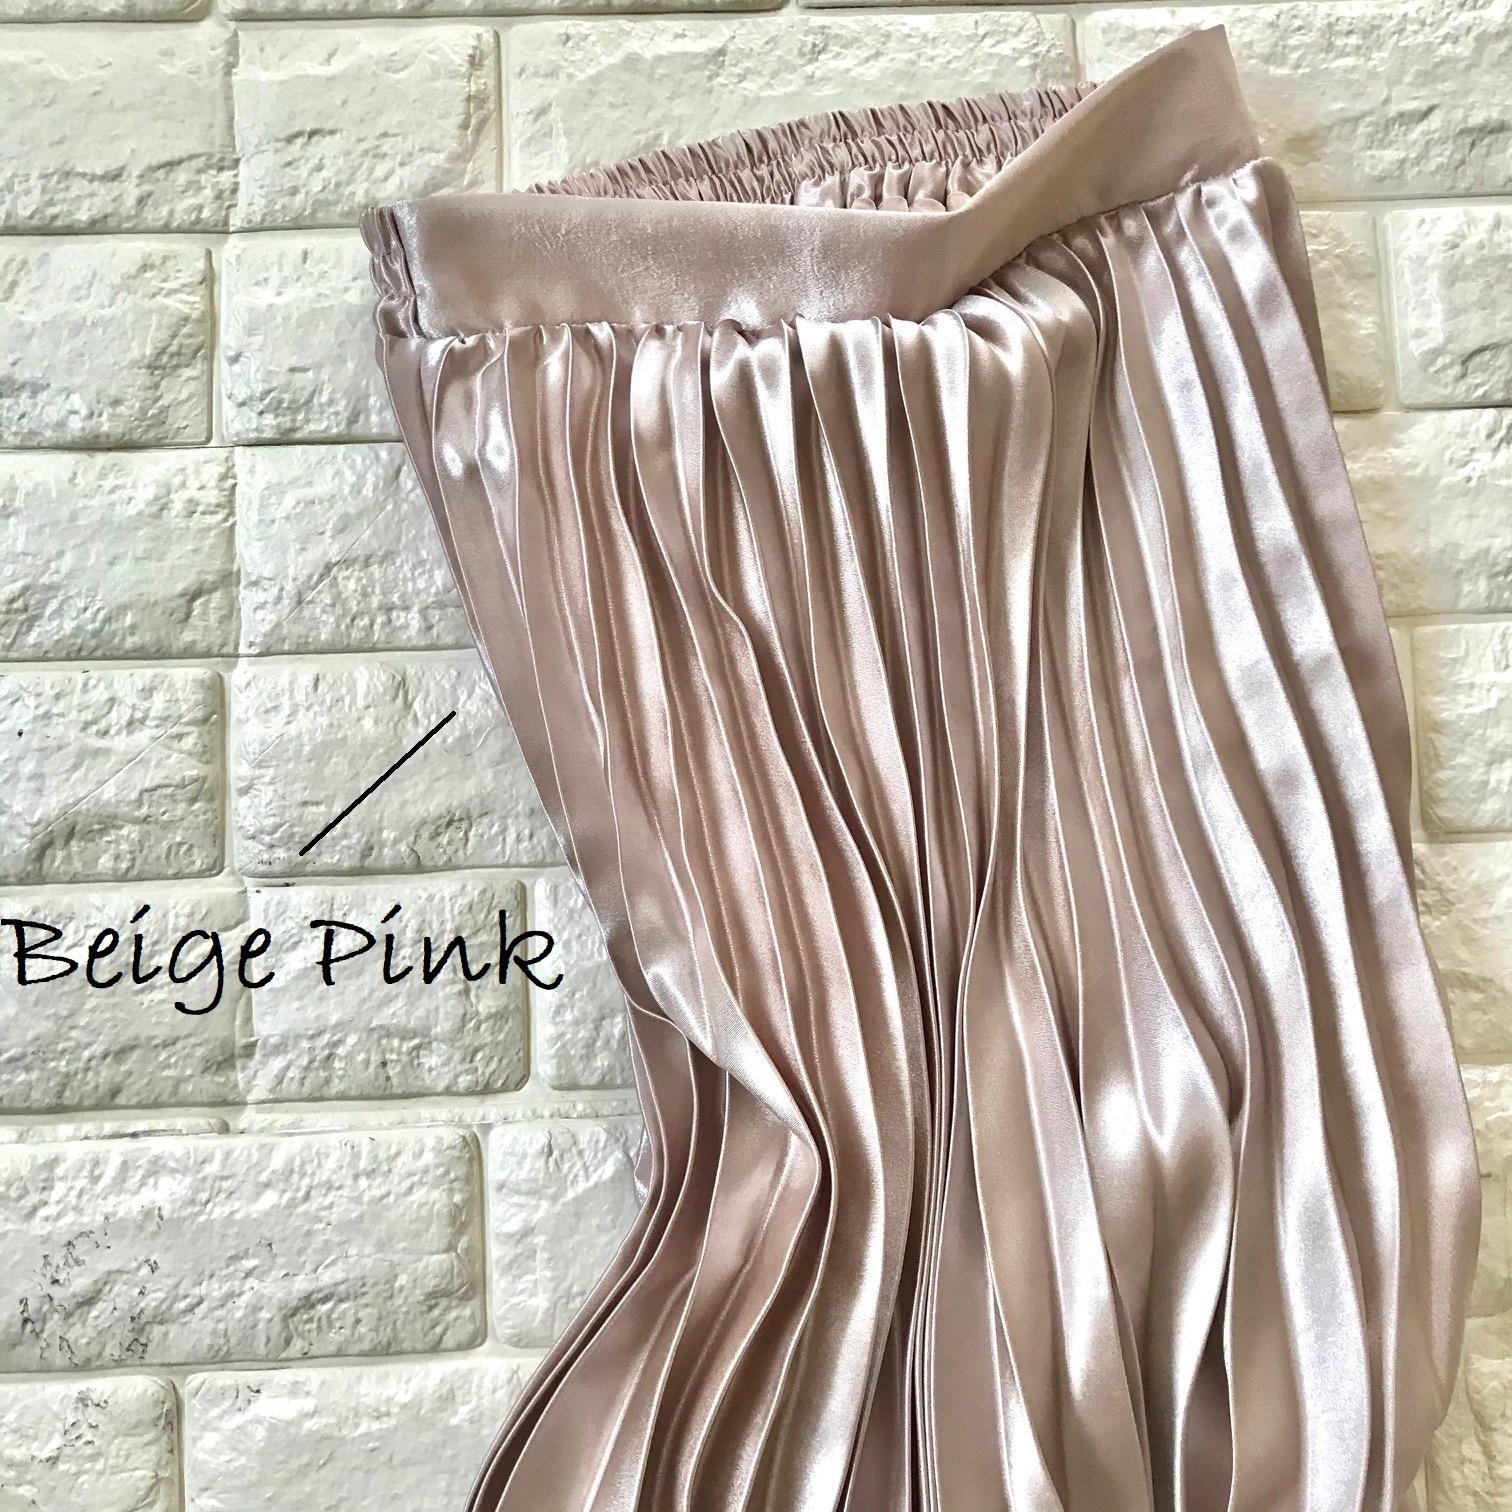 ベージュピンクのスカート生地アップ画像